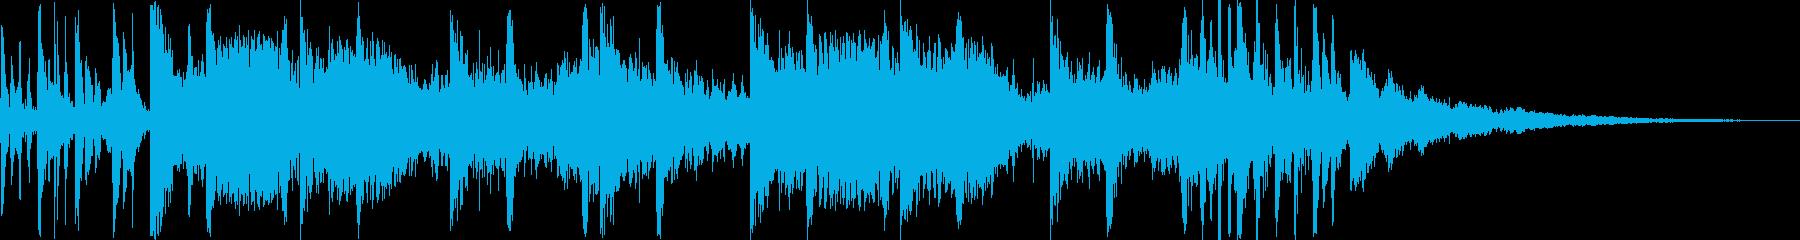 不気味で怖いミステリアスなホラー系楽曲の再生済みの波形